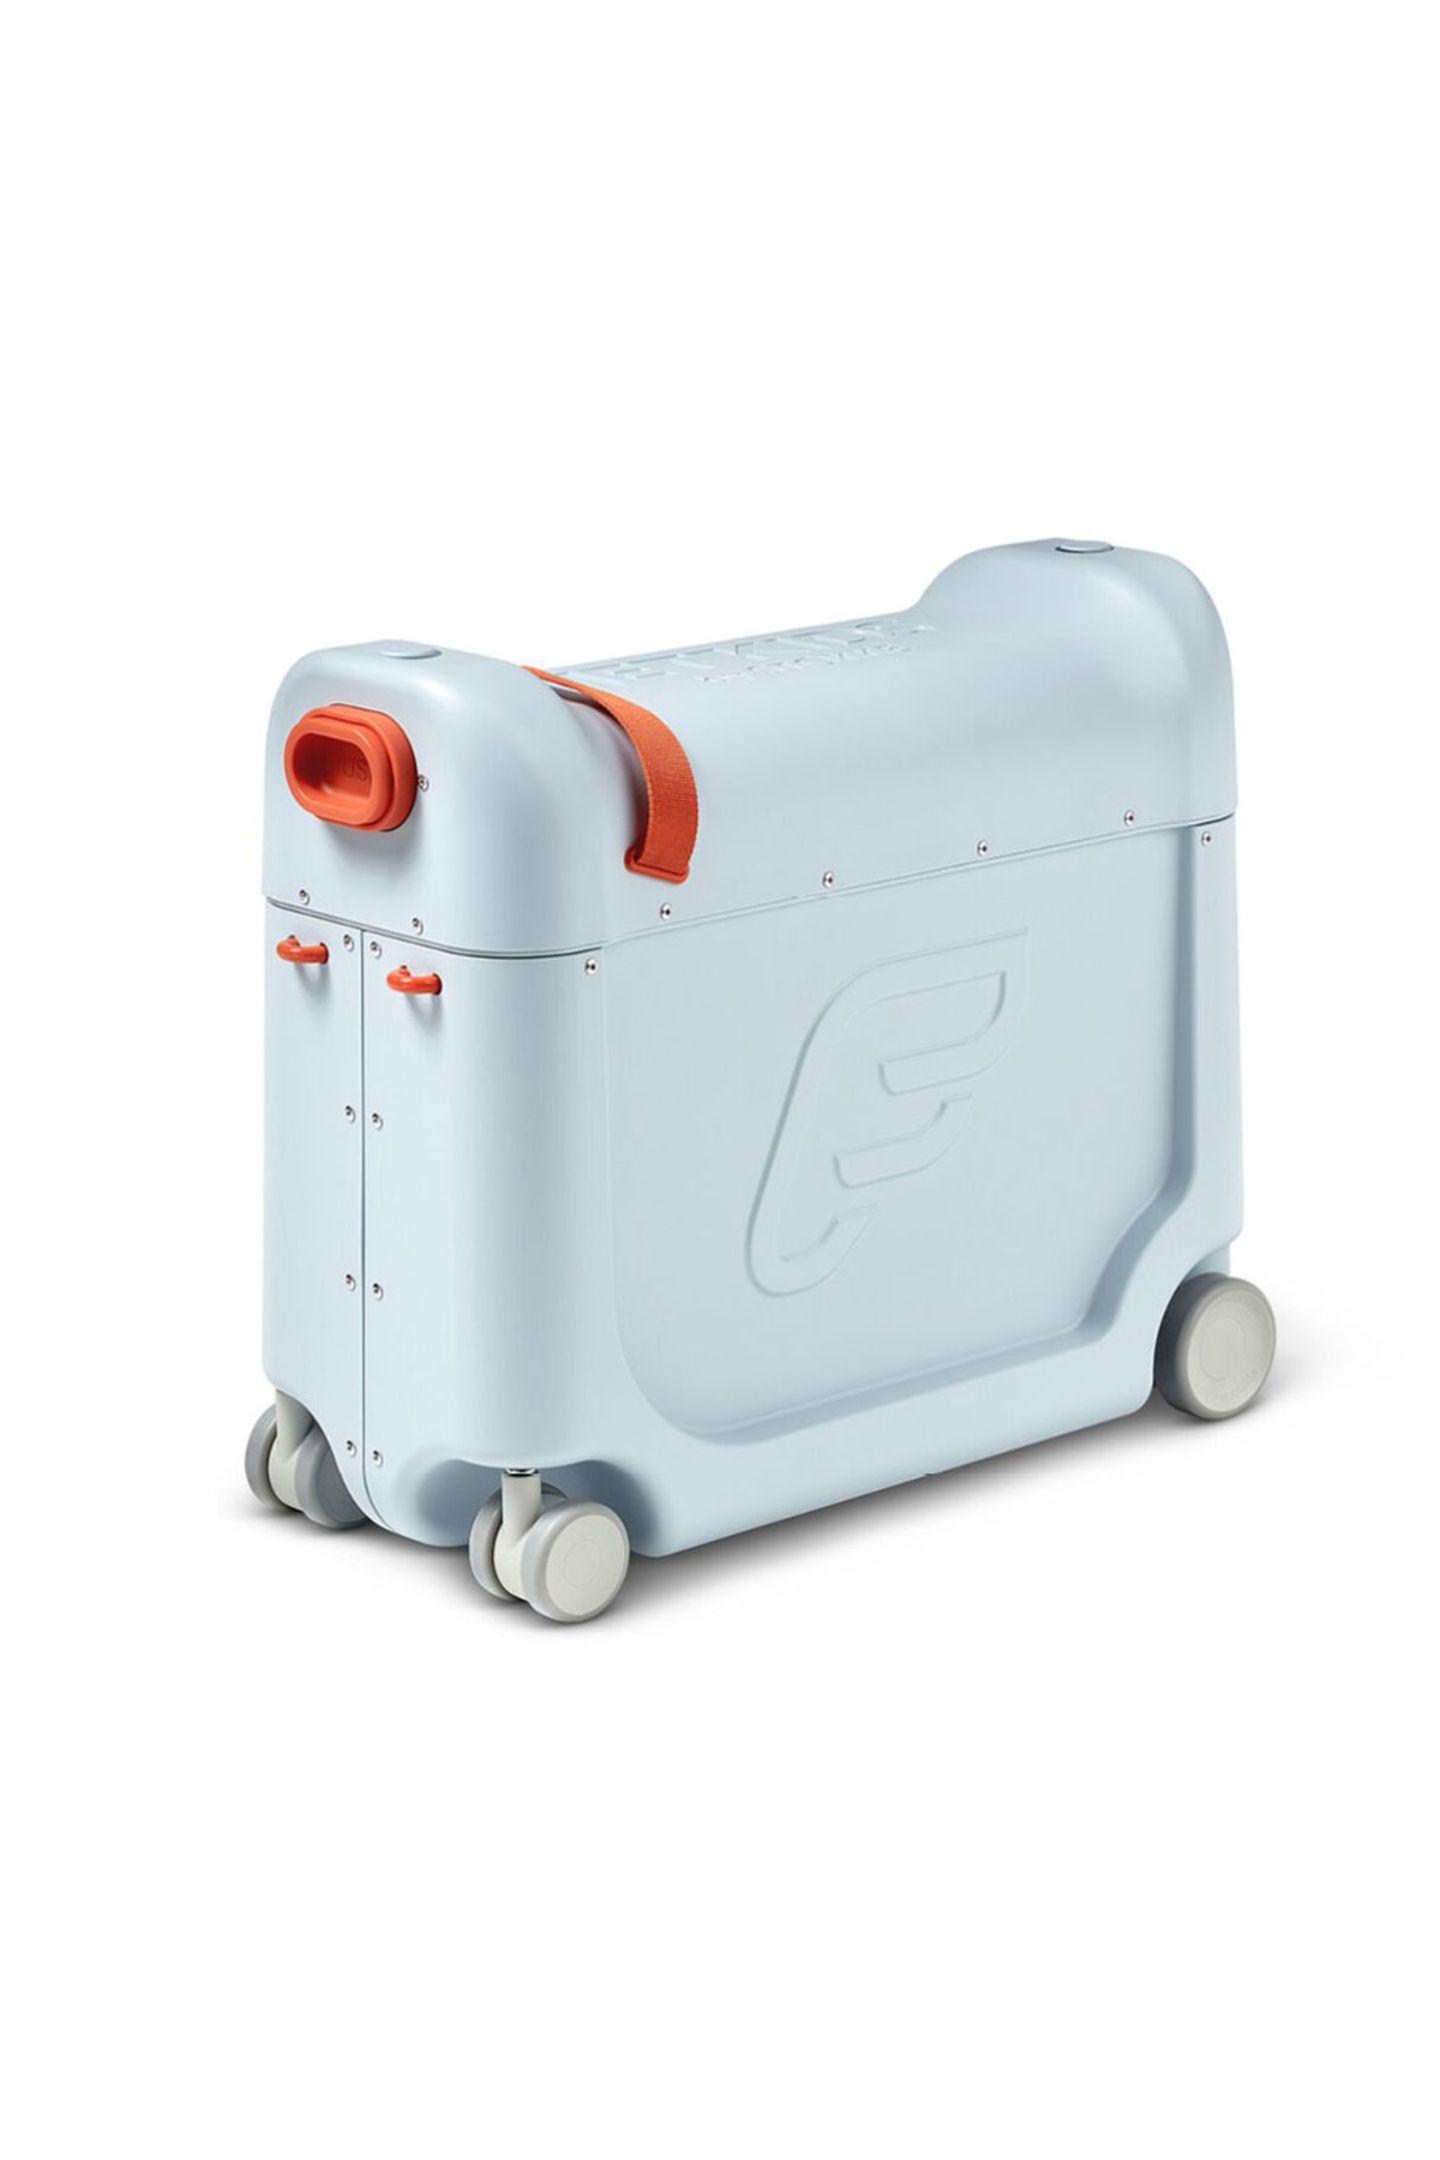 """Little Big AdventureDamit sich auch die Kleinsten ganz groß fühlen und bequem reisen, lässt sich auf diesem Koffer nicht nur herrlich sitzen, sondern dank derausklappbaren Konstruktion auch in Zug oder Flugzeug schlafen. """"JetKids Aufsitzkoffer"""" von Stokke, ca. 169 Euro"""